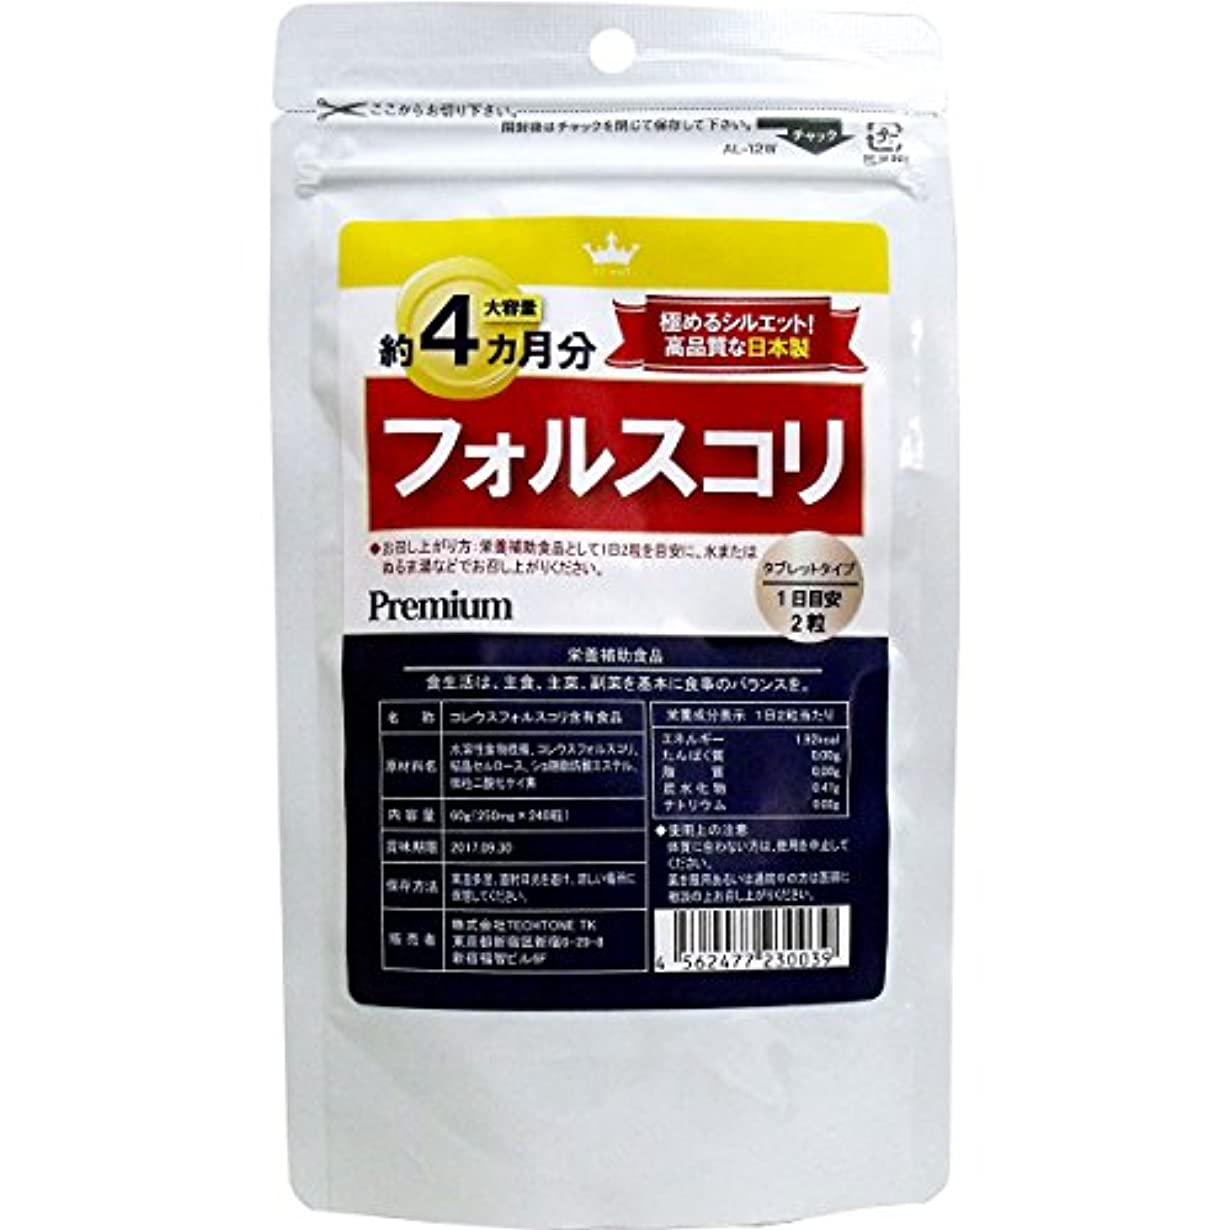 ルースロットリングサプリ 高品質な日本製 話題の フォルスコリ 約4カ月分 240粒入【4個セット】